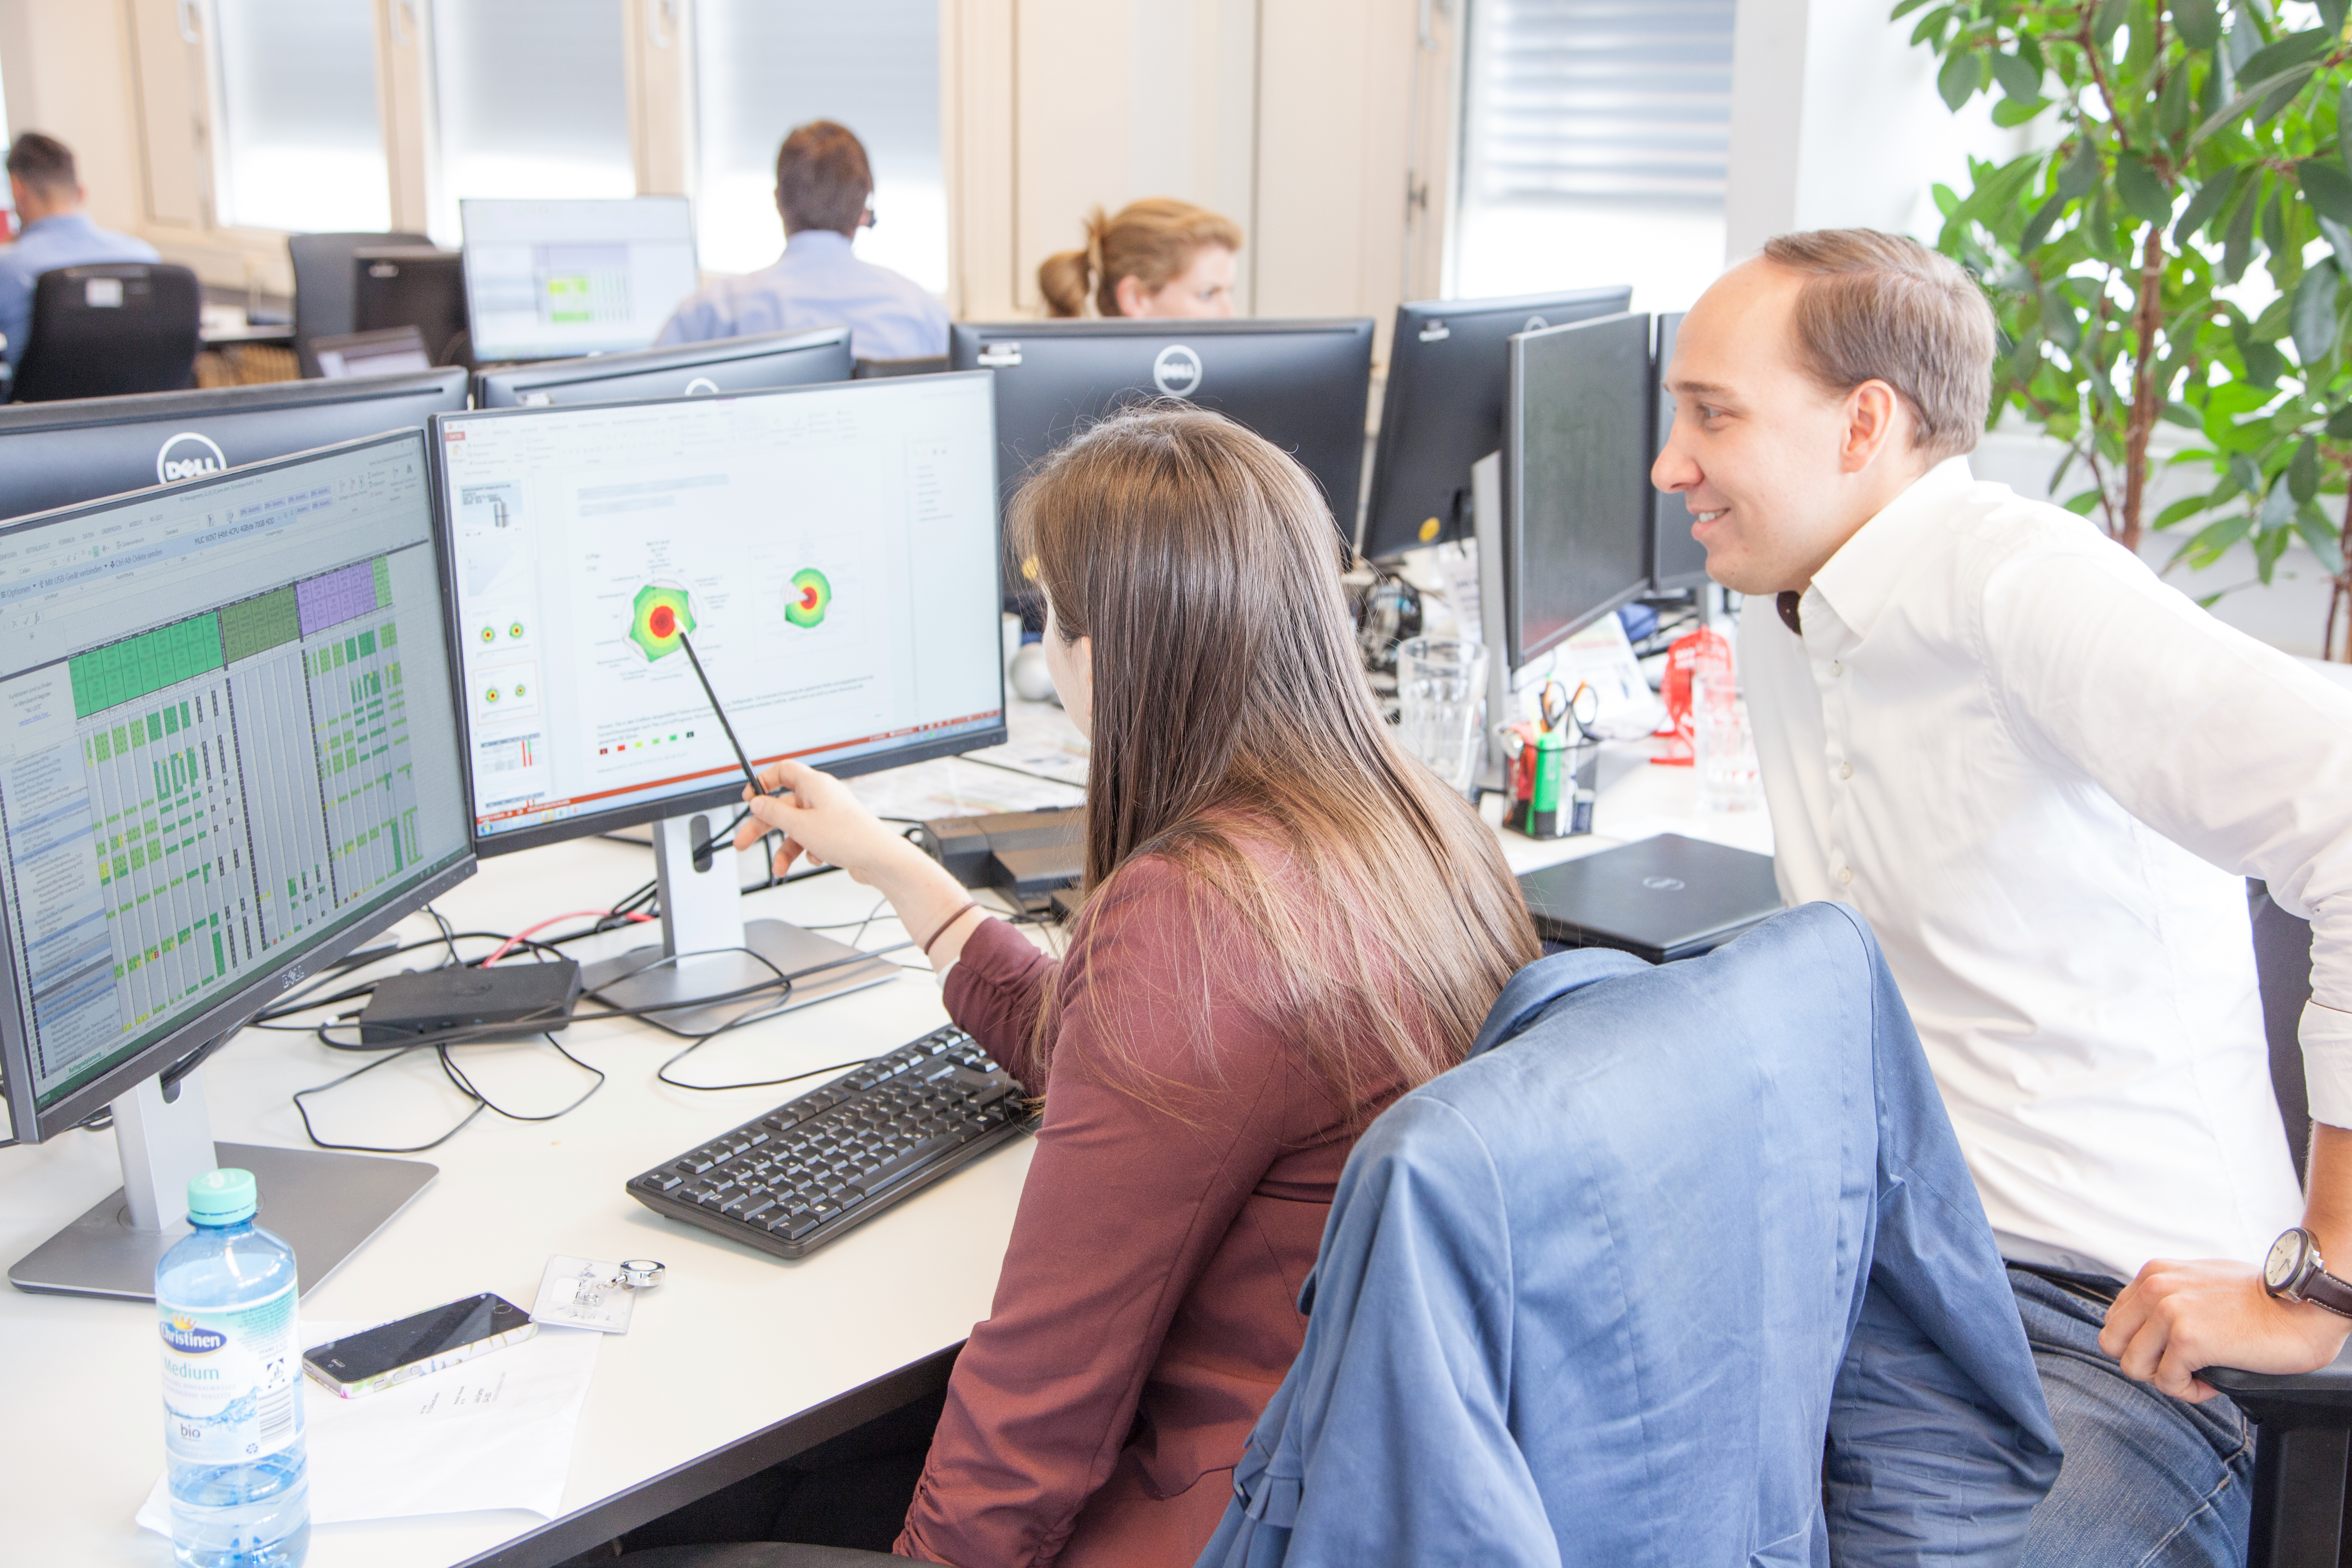 Zwei Mitarbeiter der VISPIRON SYSTEMS besprechen am Arbeitsplatz einen Qualitätsreport